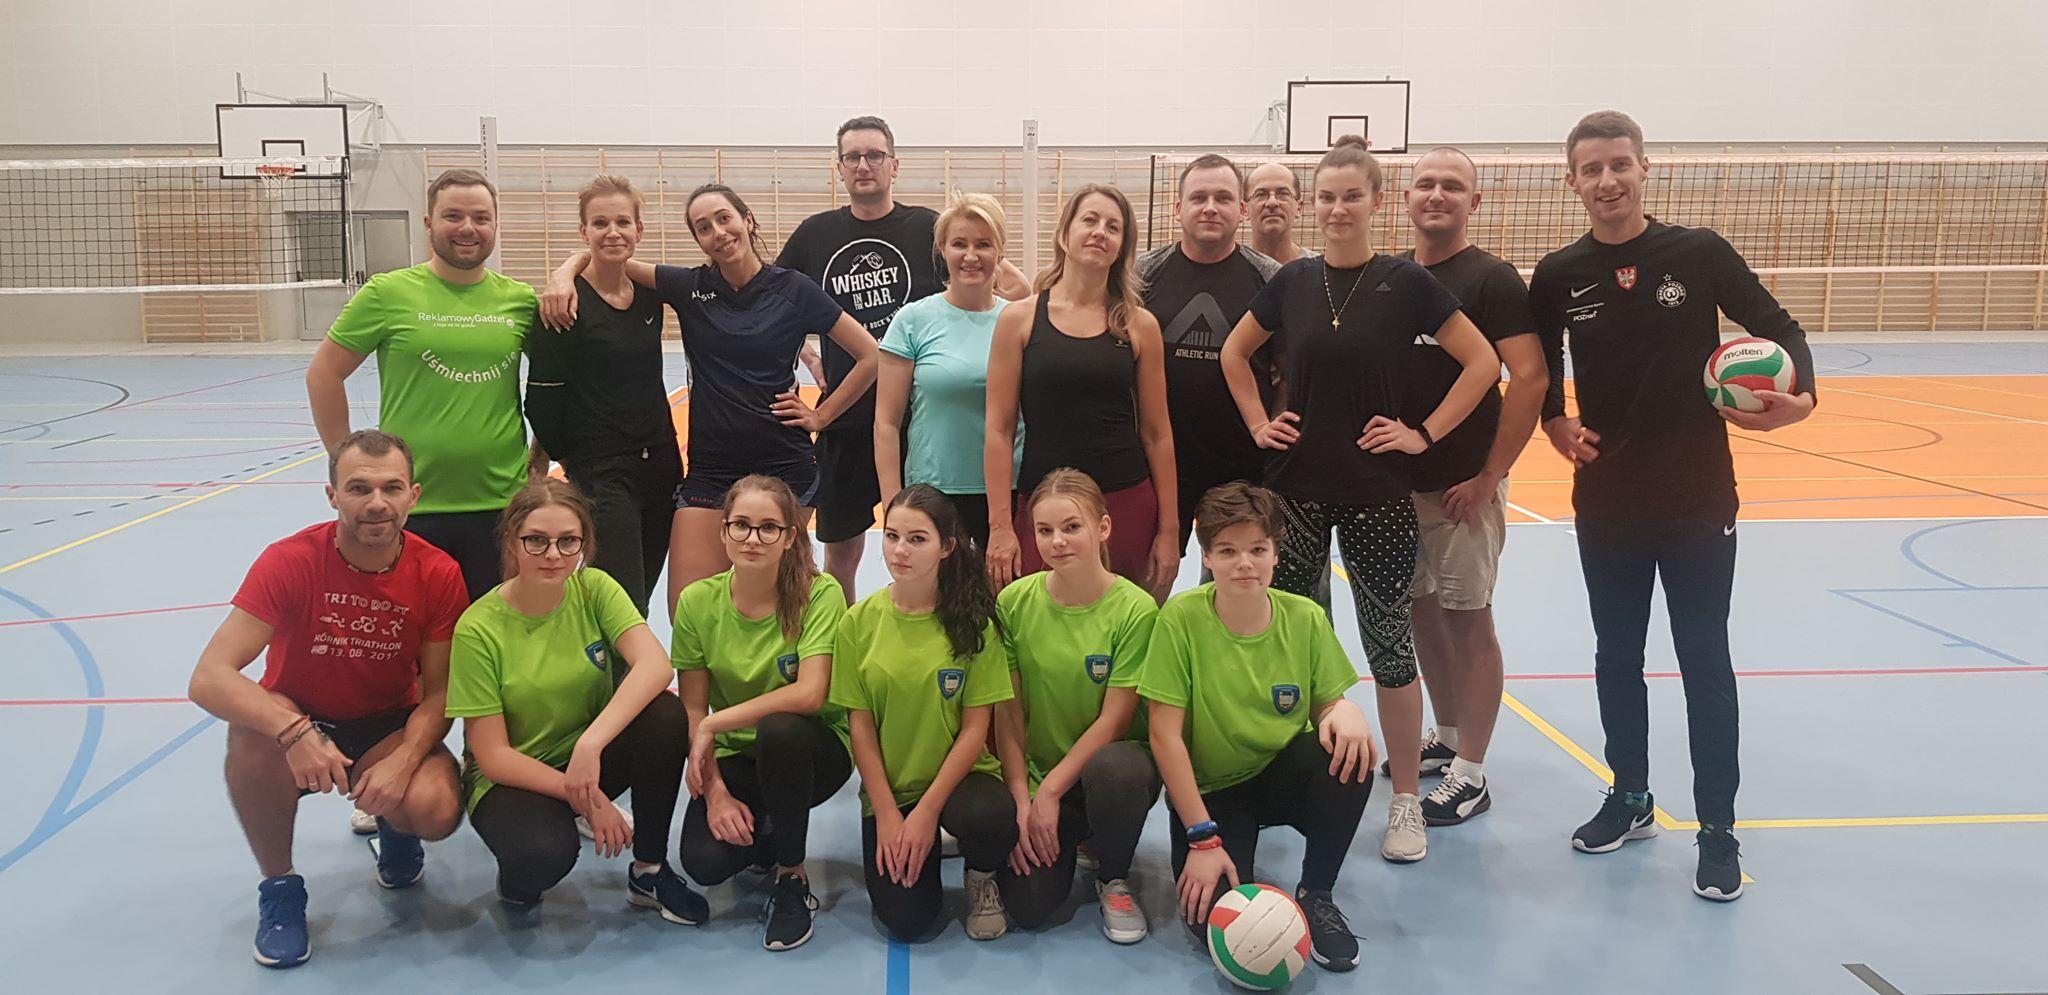 Trening przez Mikołajkowym Turniejem Siatkówki